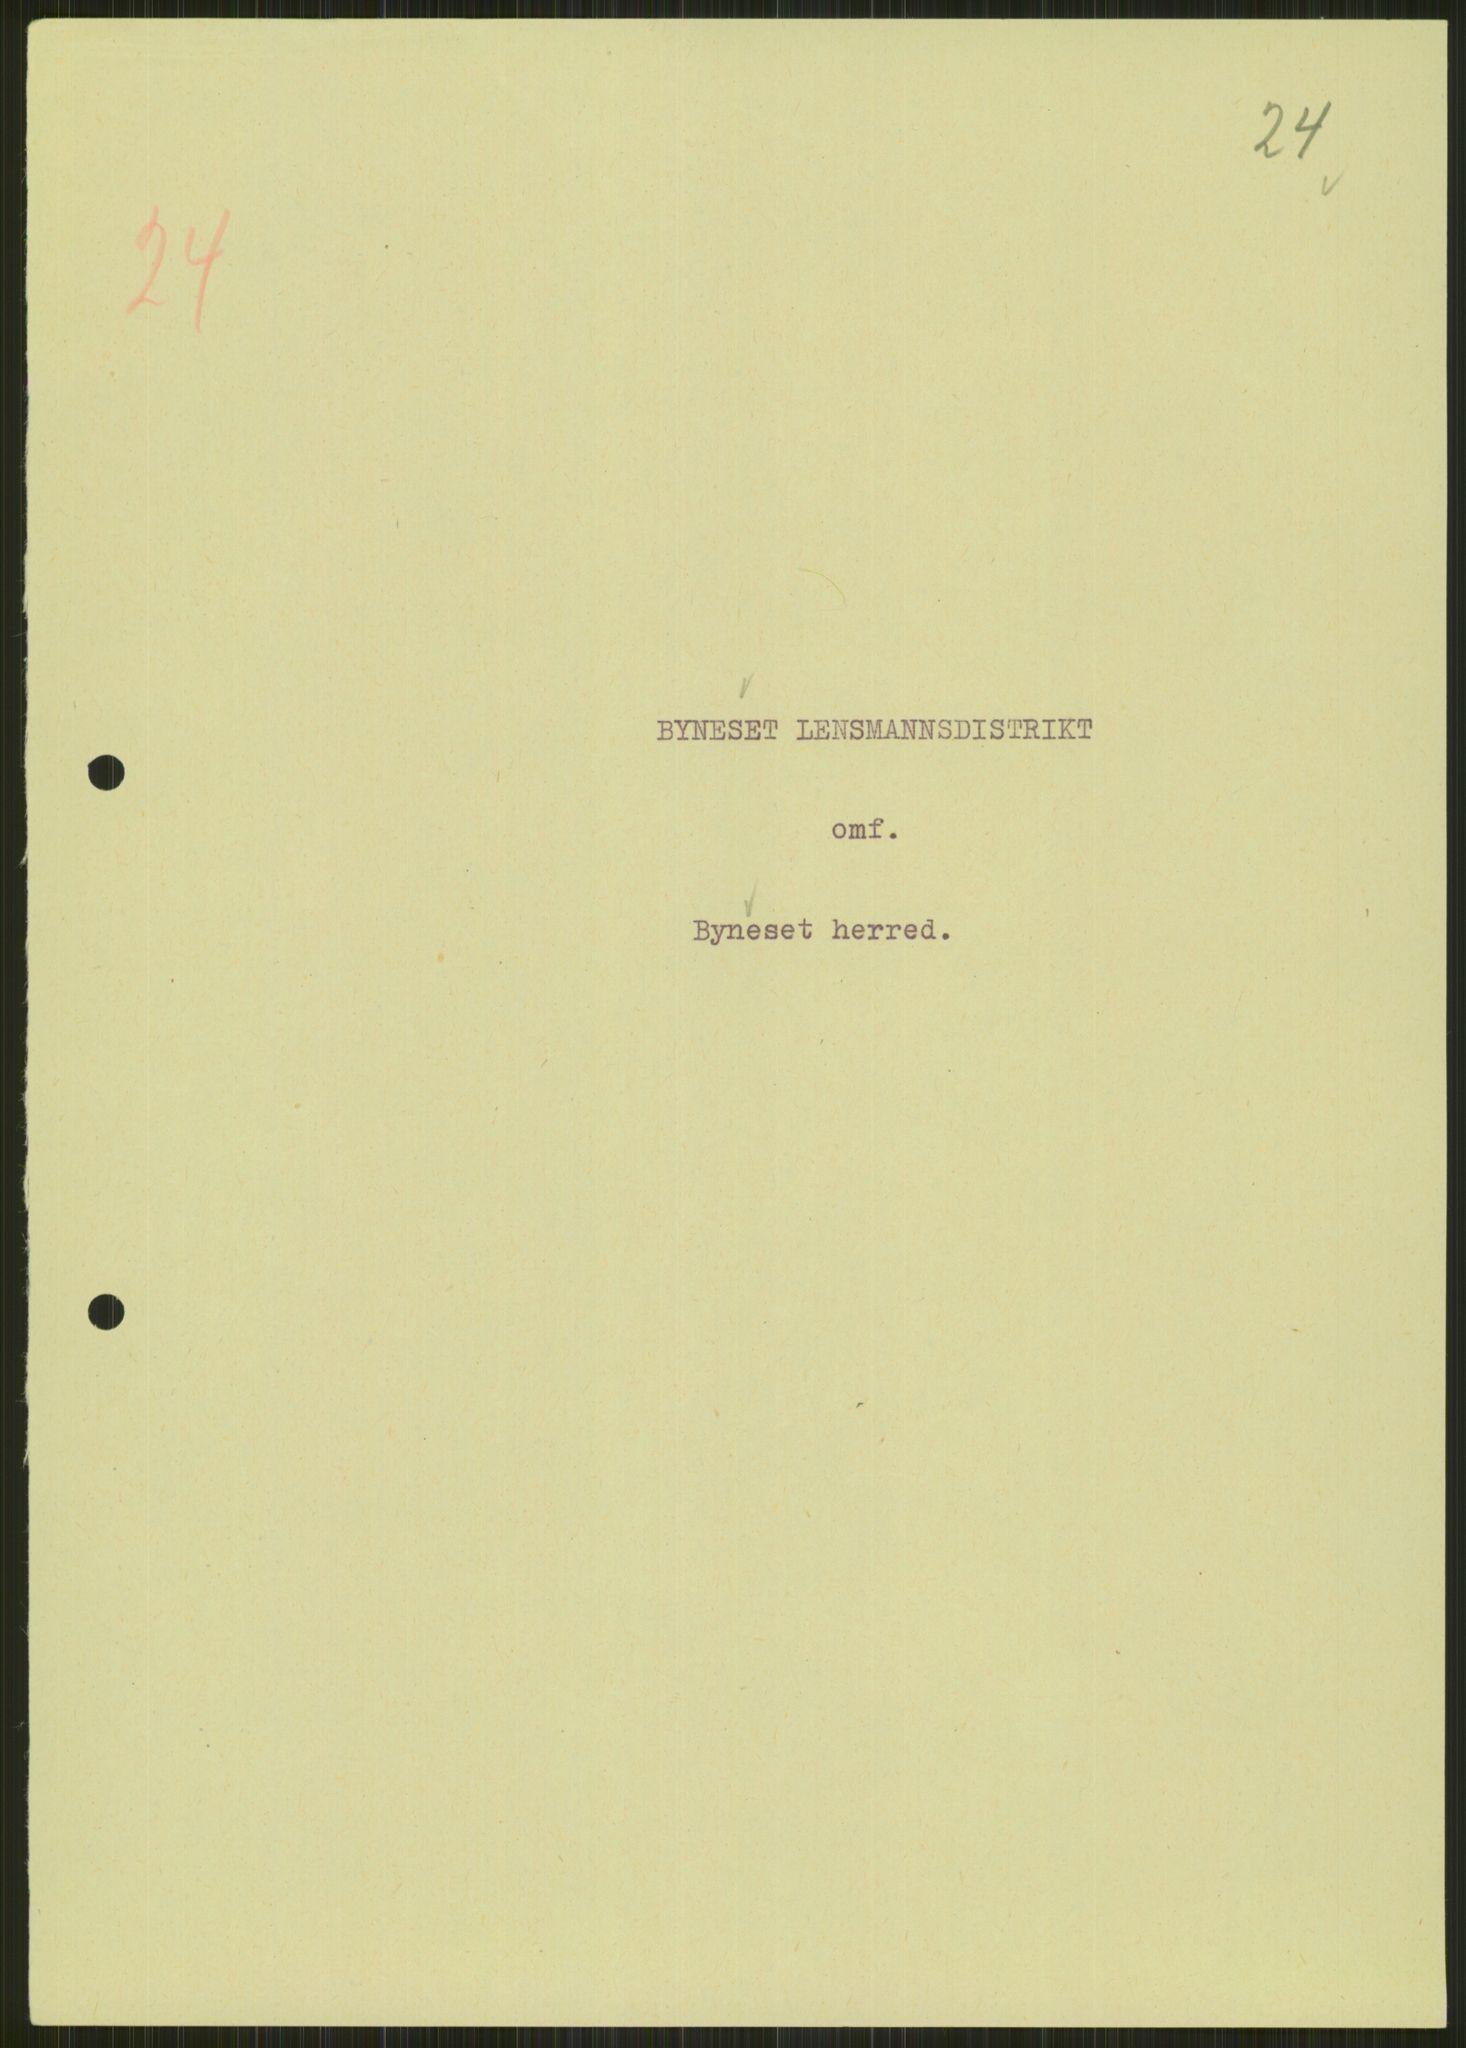 RA, Forsvaret, Forsvarets krigshistoriske avdeling, Y/Ya/L0016: II-C-11-31 - Fylkesmenn.  Rapporter om krigsbegivenhetene 1940., 1940, s. 181